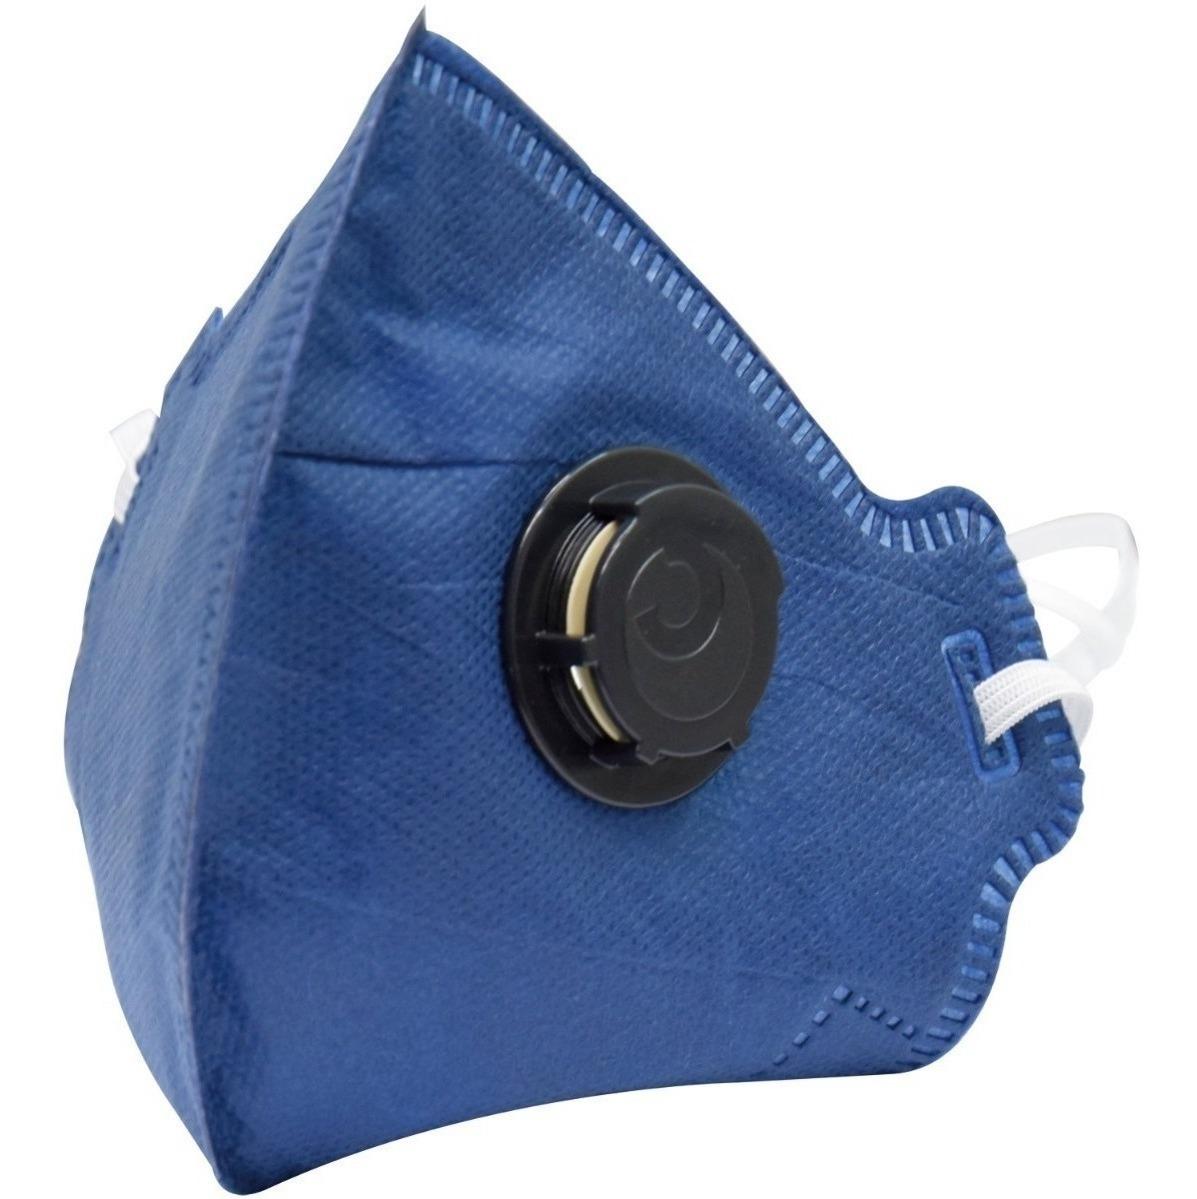 10 Mascara Pff2 Proteção Gripe H1n1 - Equivalente N95 - R$ 74,90 ...